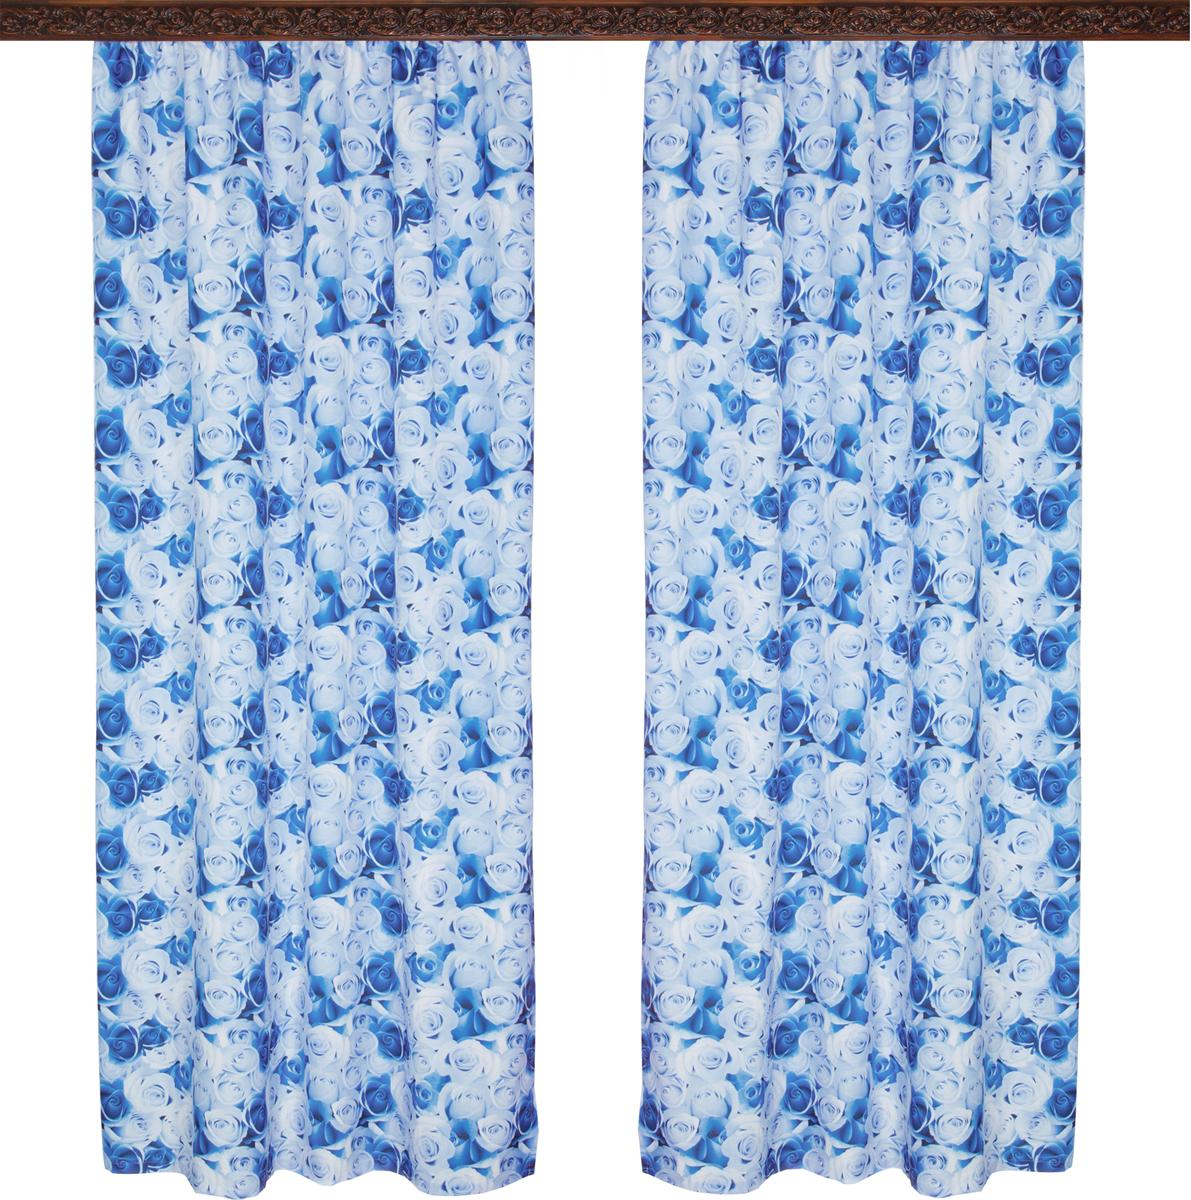 Комплект штор Zlata Korunka, на ленте, цвет: синий, высота 250 см, 2 шт. 777112 комплект штор zlata korunka 55534